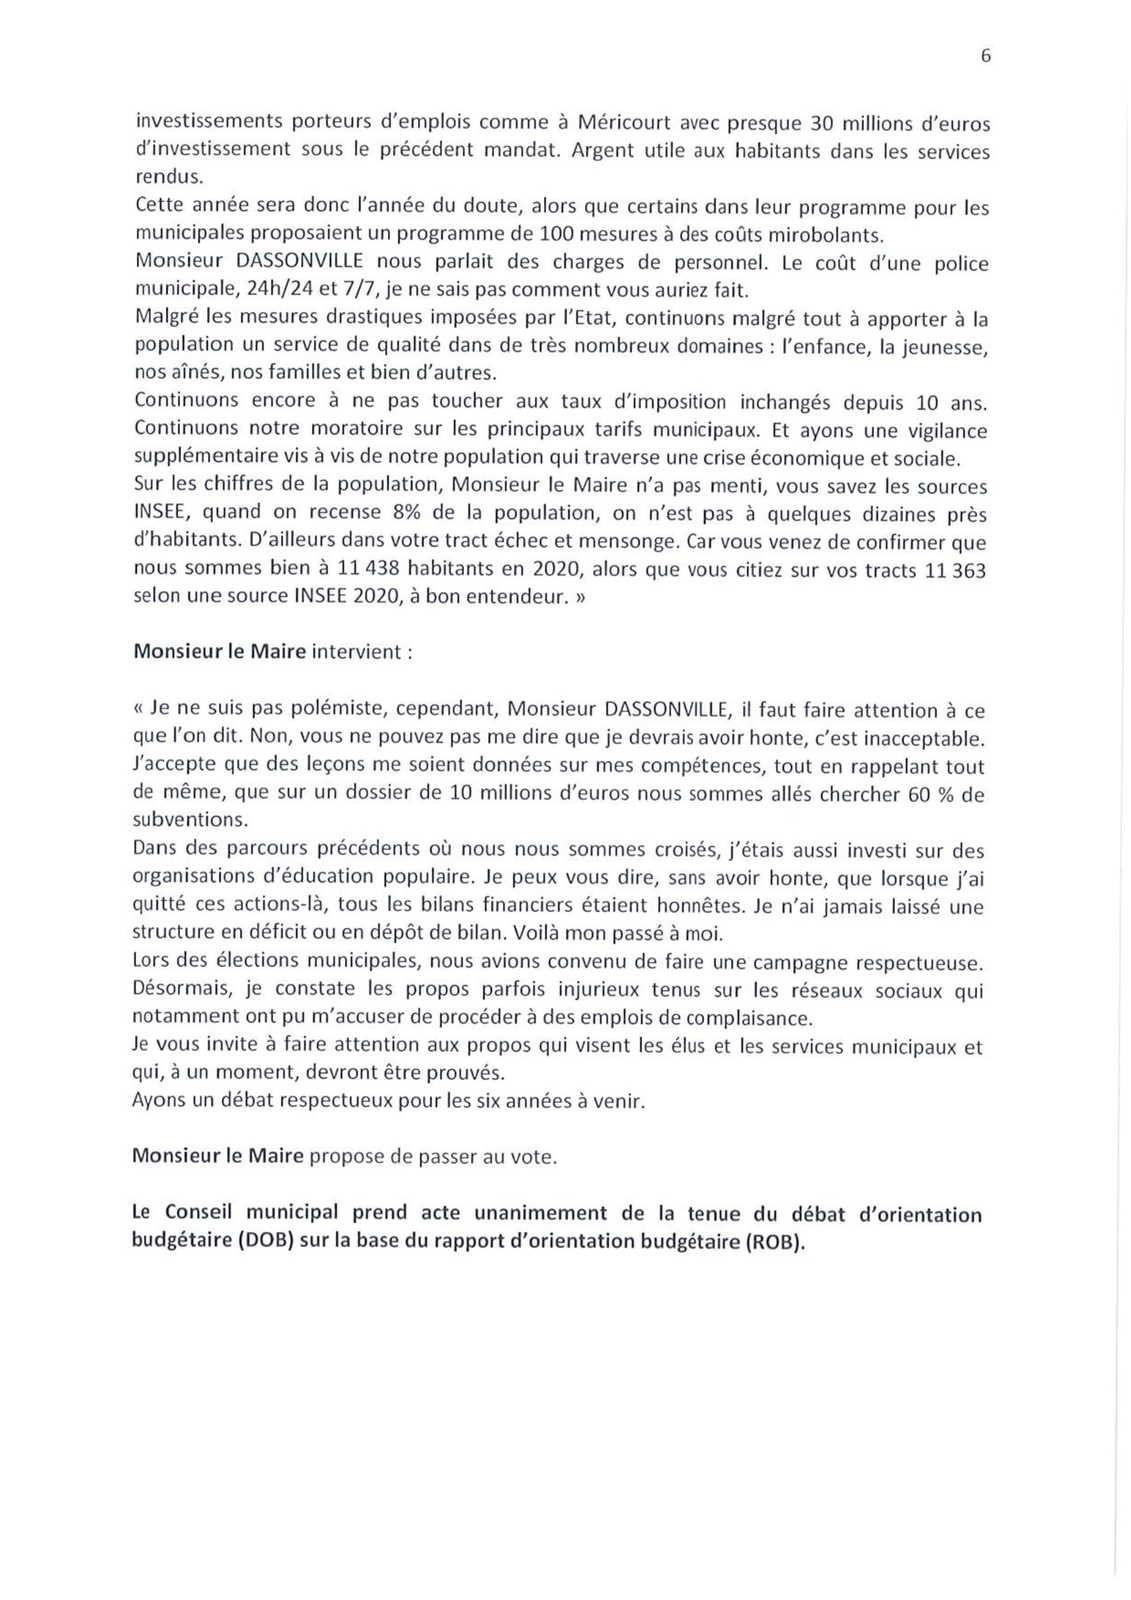 Conseil municipal de Méricourt du 22 juin 2020 : le compte-rendu officiel est en ligne